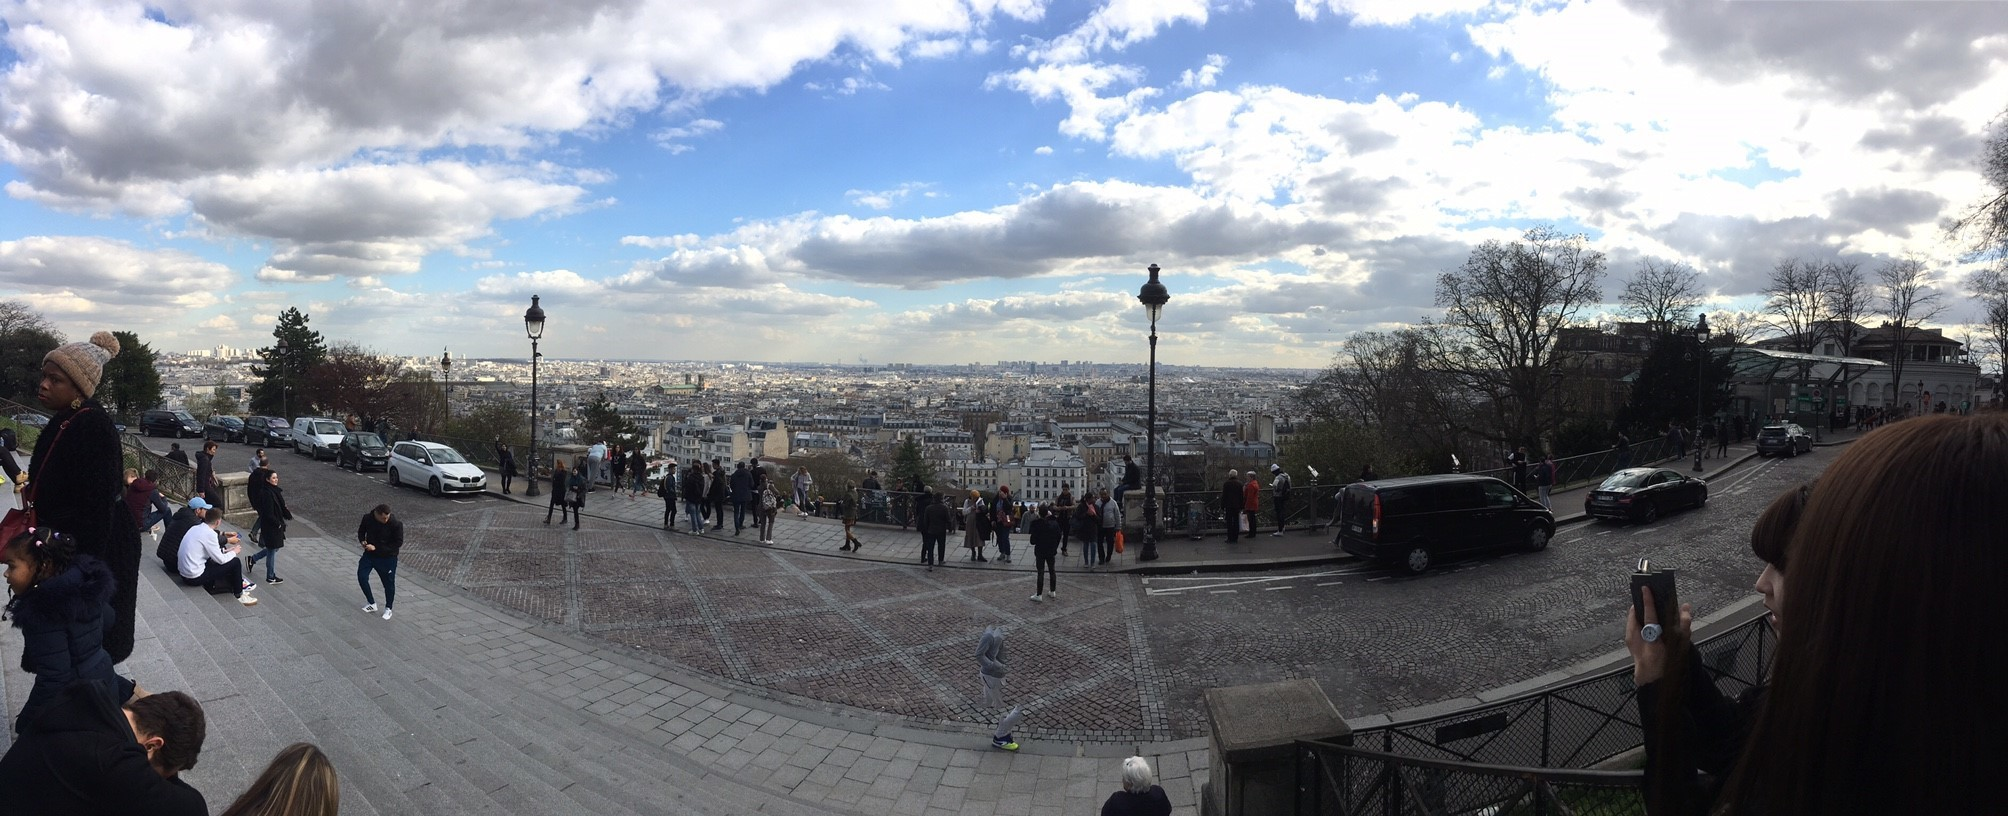 これからフランス旅行を考えている人に見てほしいブログ②〜フランス1日目〜_1_3-1